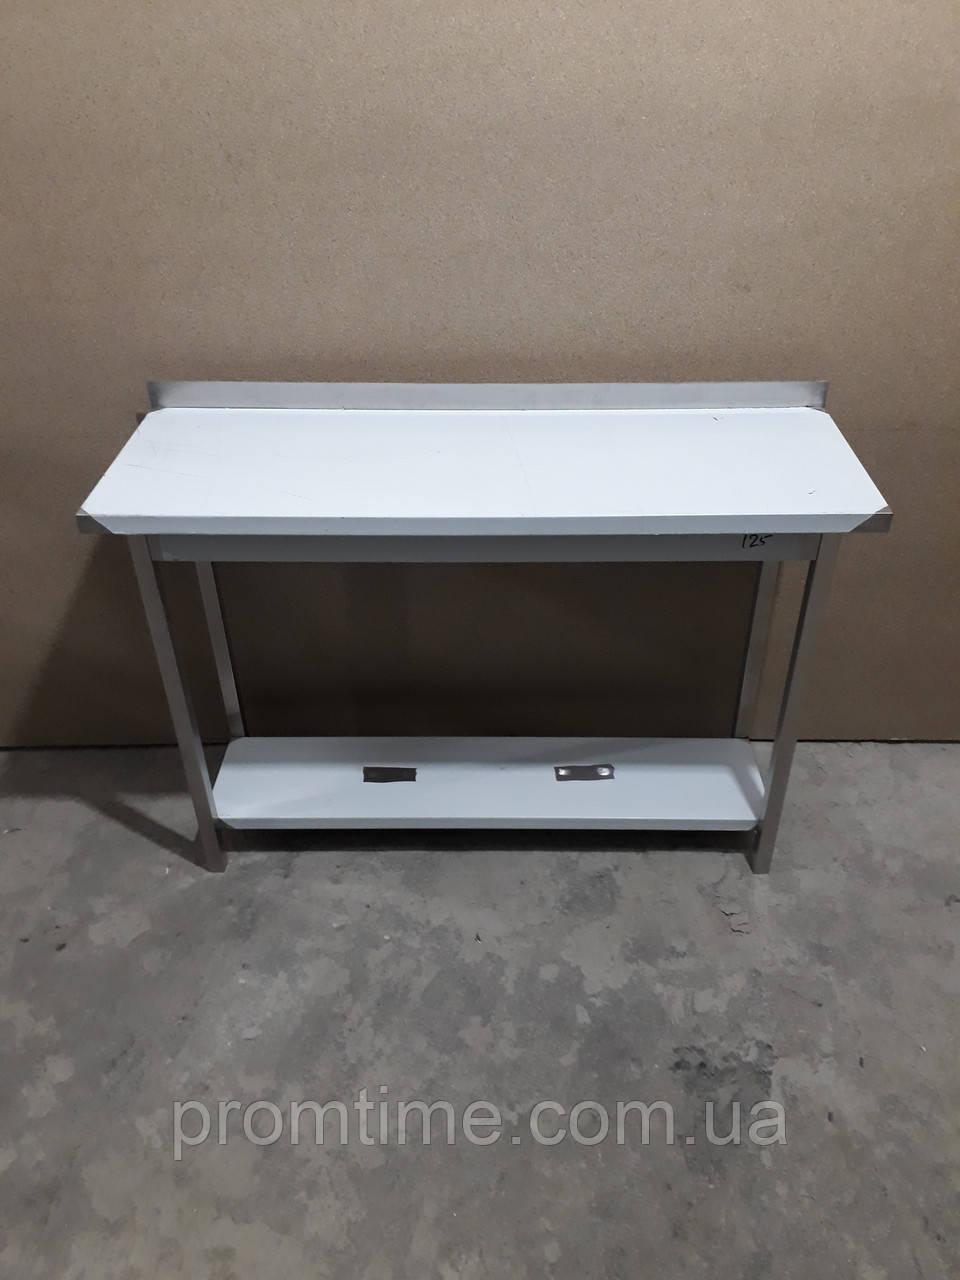 Стол производственный из нержавеющей стали 1200х400х850